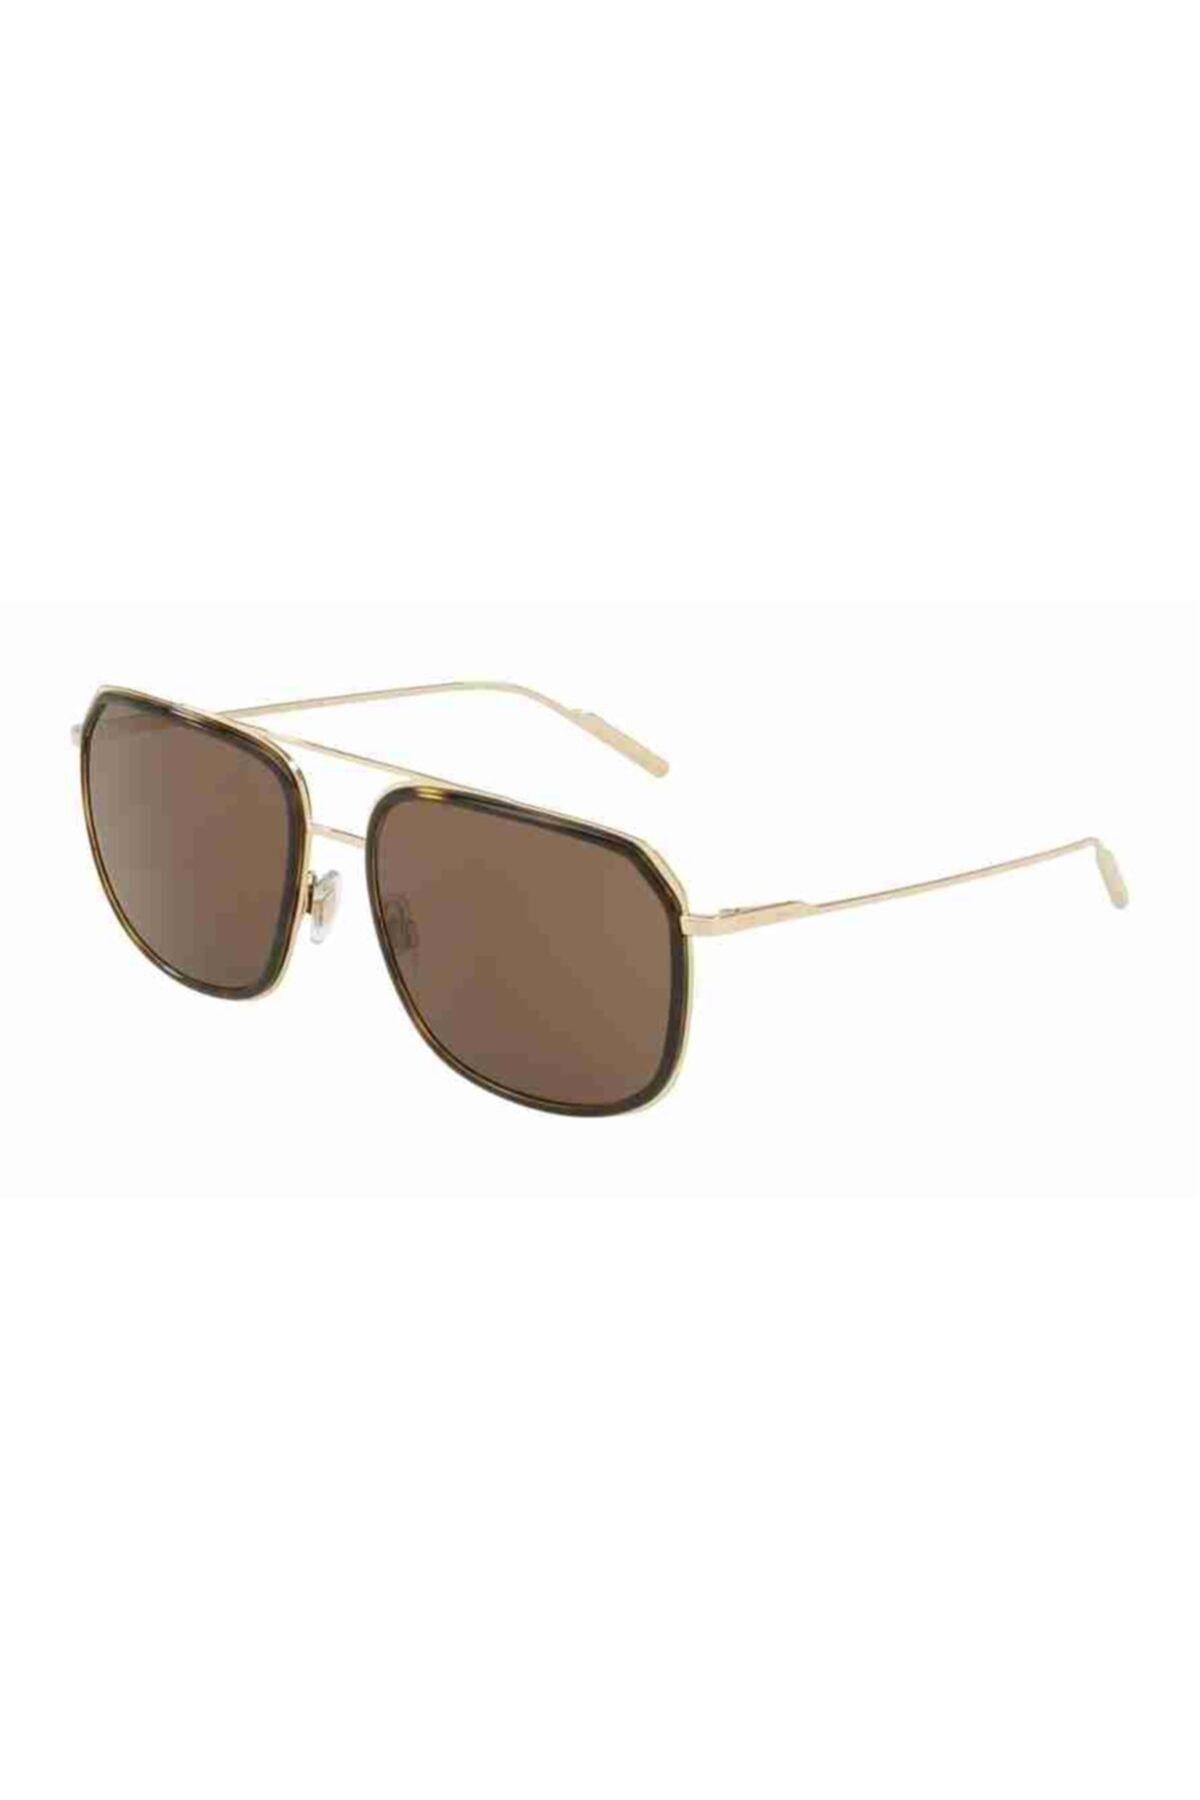 Dolce & Gabbana 2165 132673 58 Ekartman Unisex Güneş Gözlüğü 1